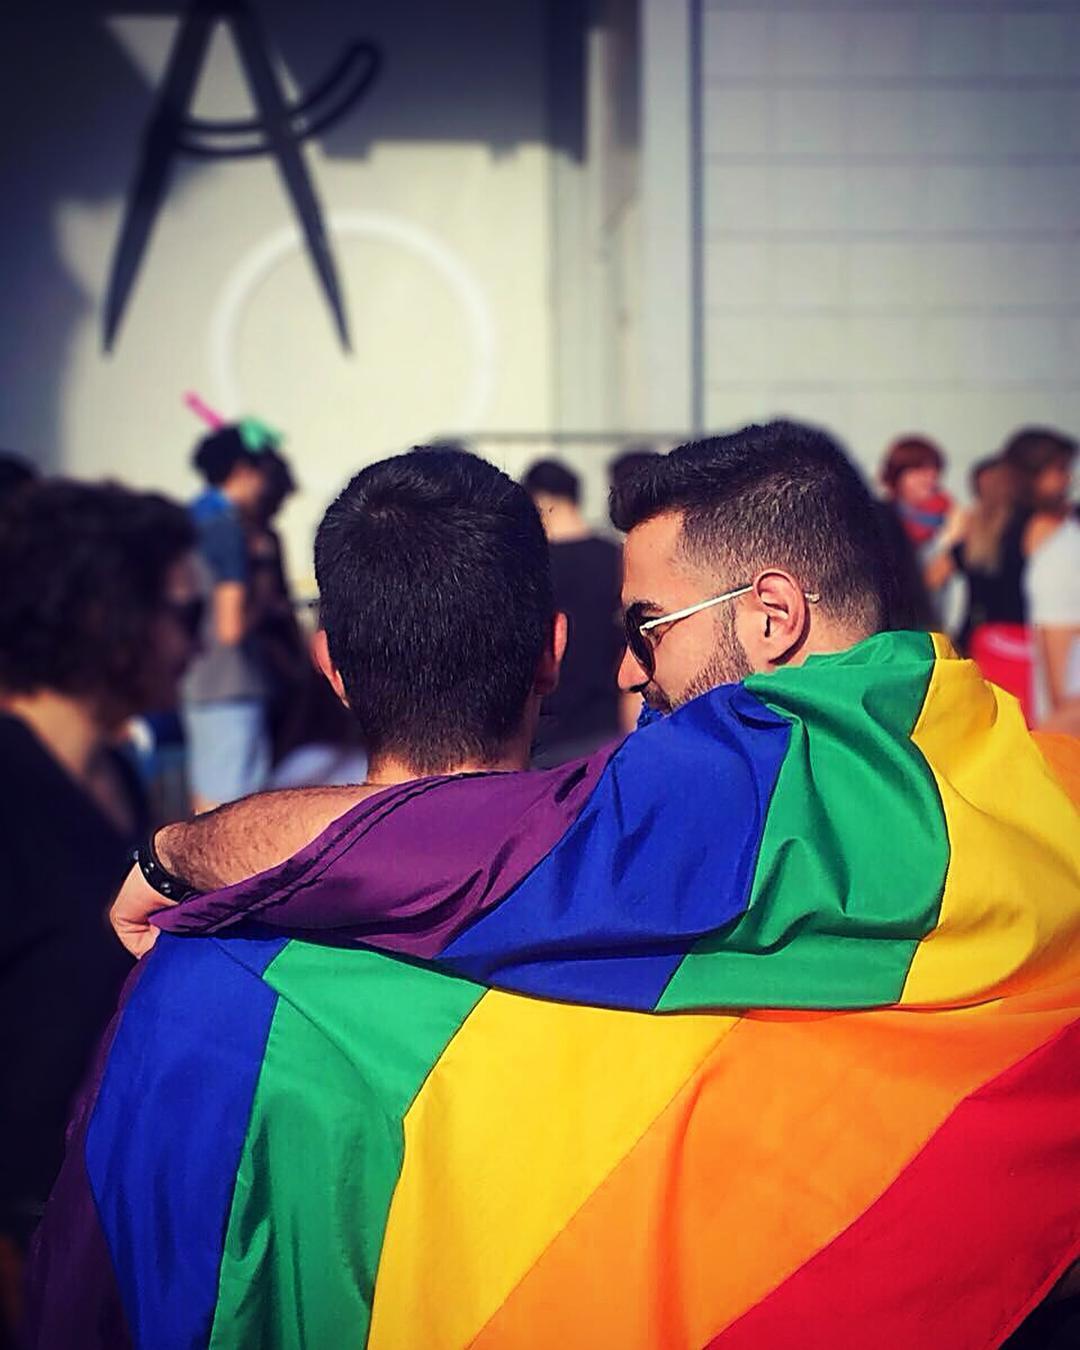 Confira essas lindas imagens da Parada LGBT de Belo Horizonte